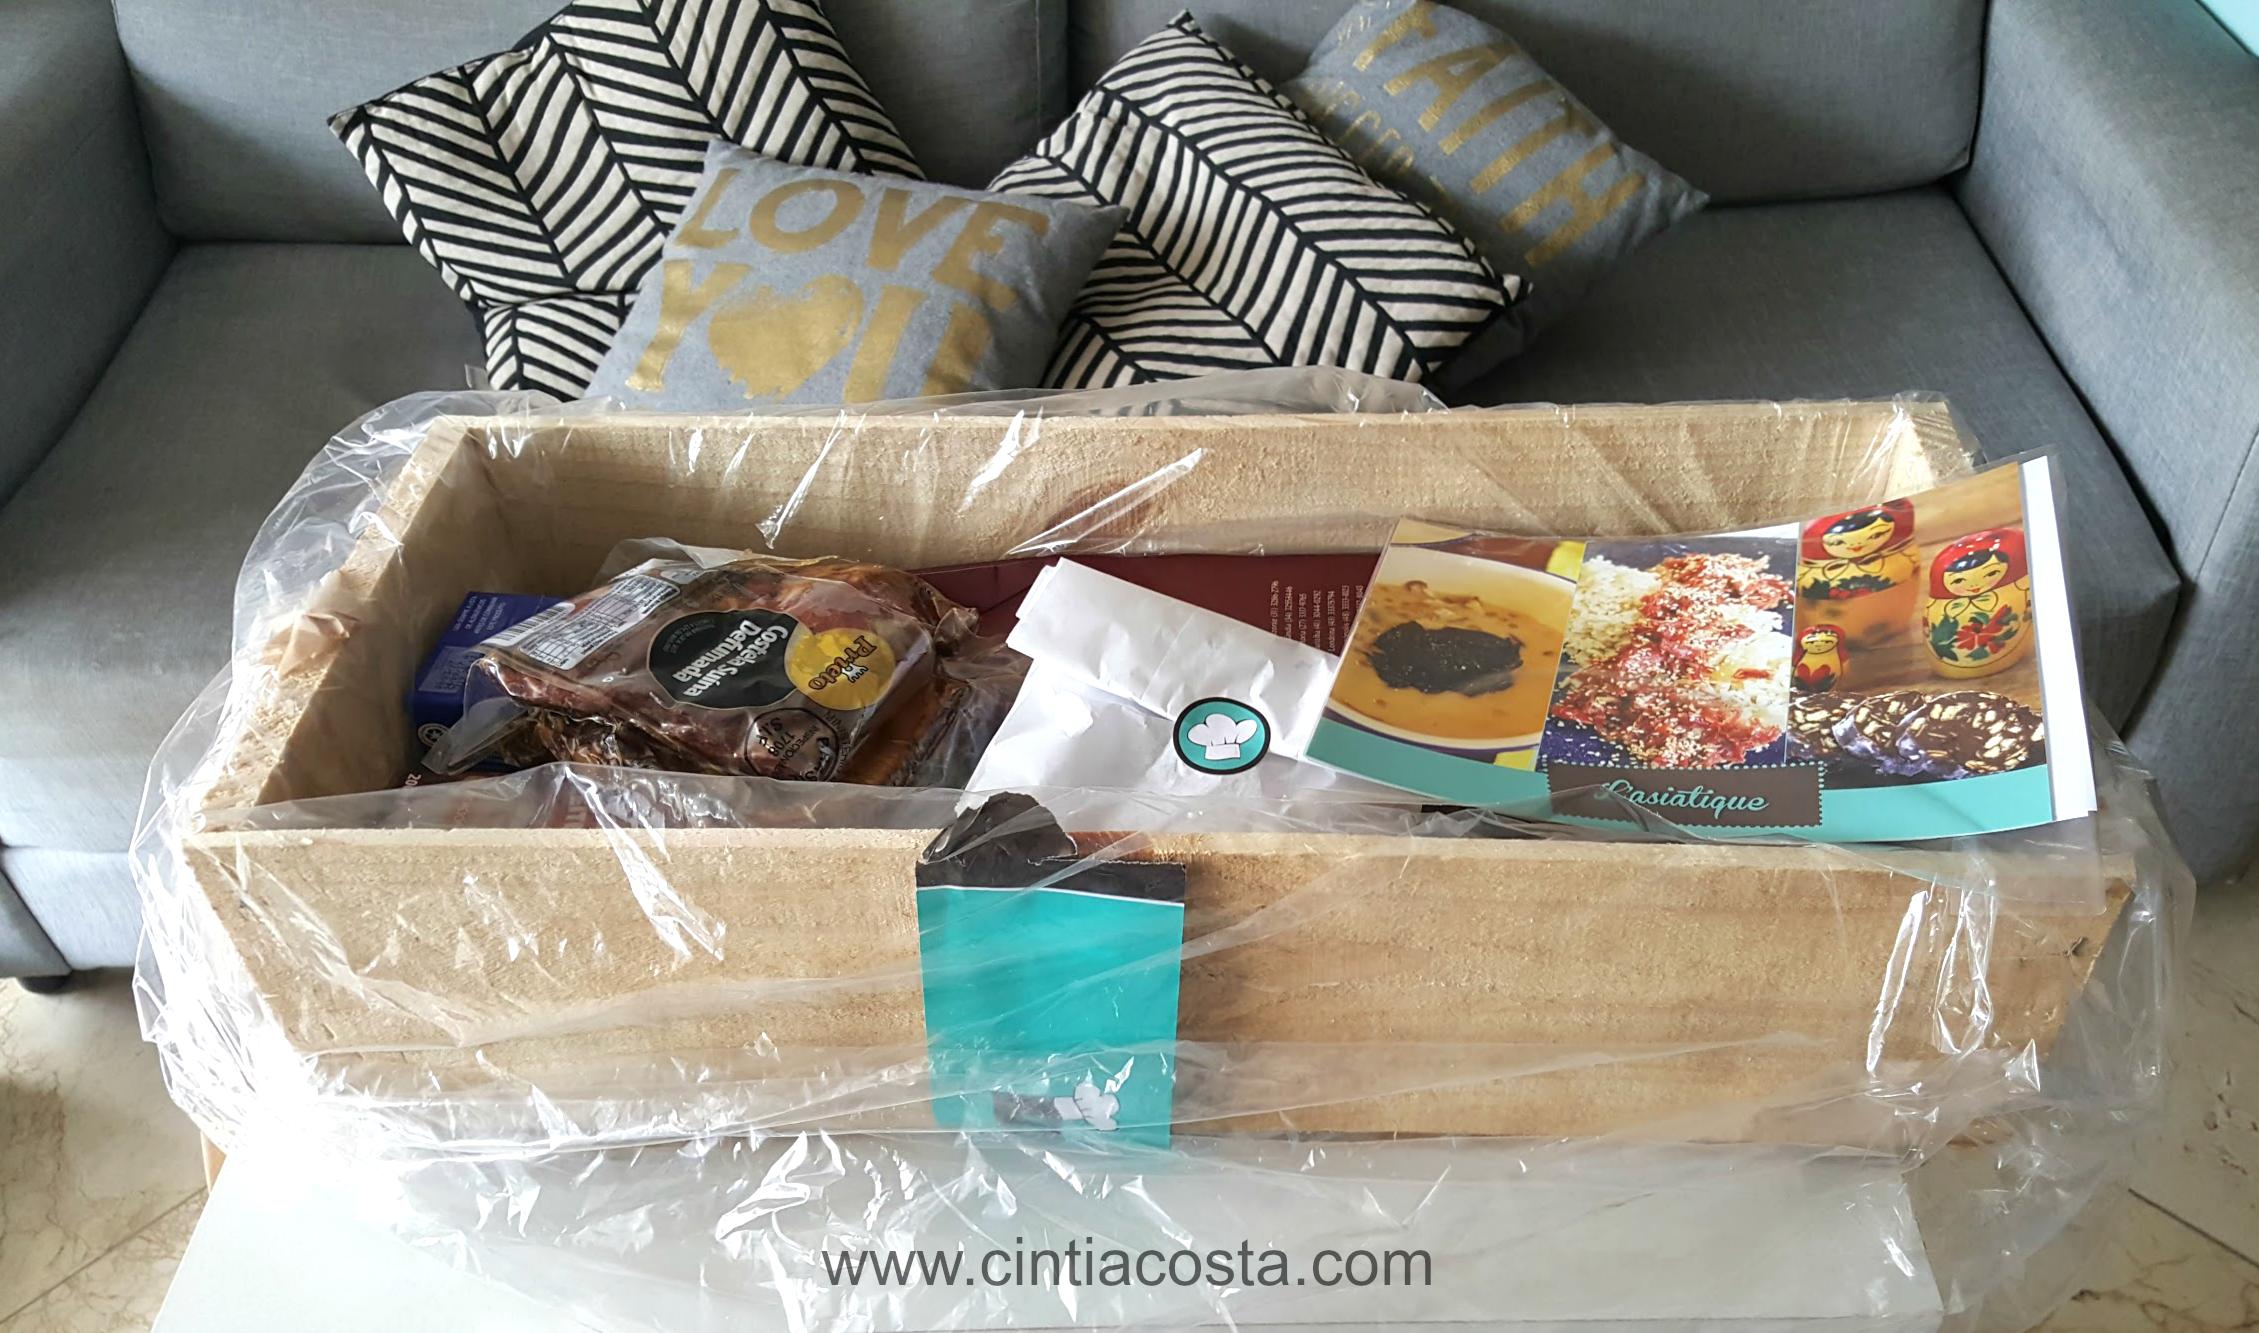 Les Gourmands Club: caixa com ingredientes para receitas e vinhos harmonizados. Foto: Blog da Cíntia (www.cintiacosta.com)